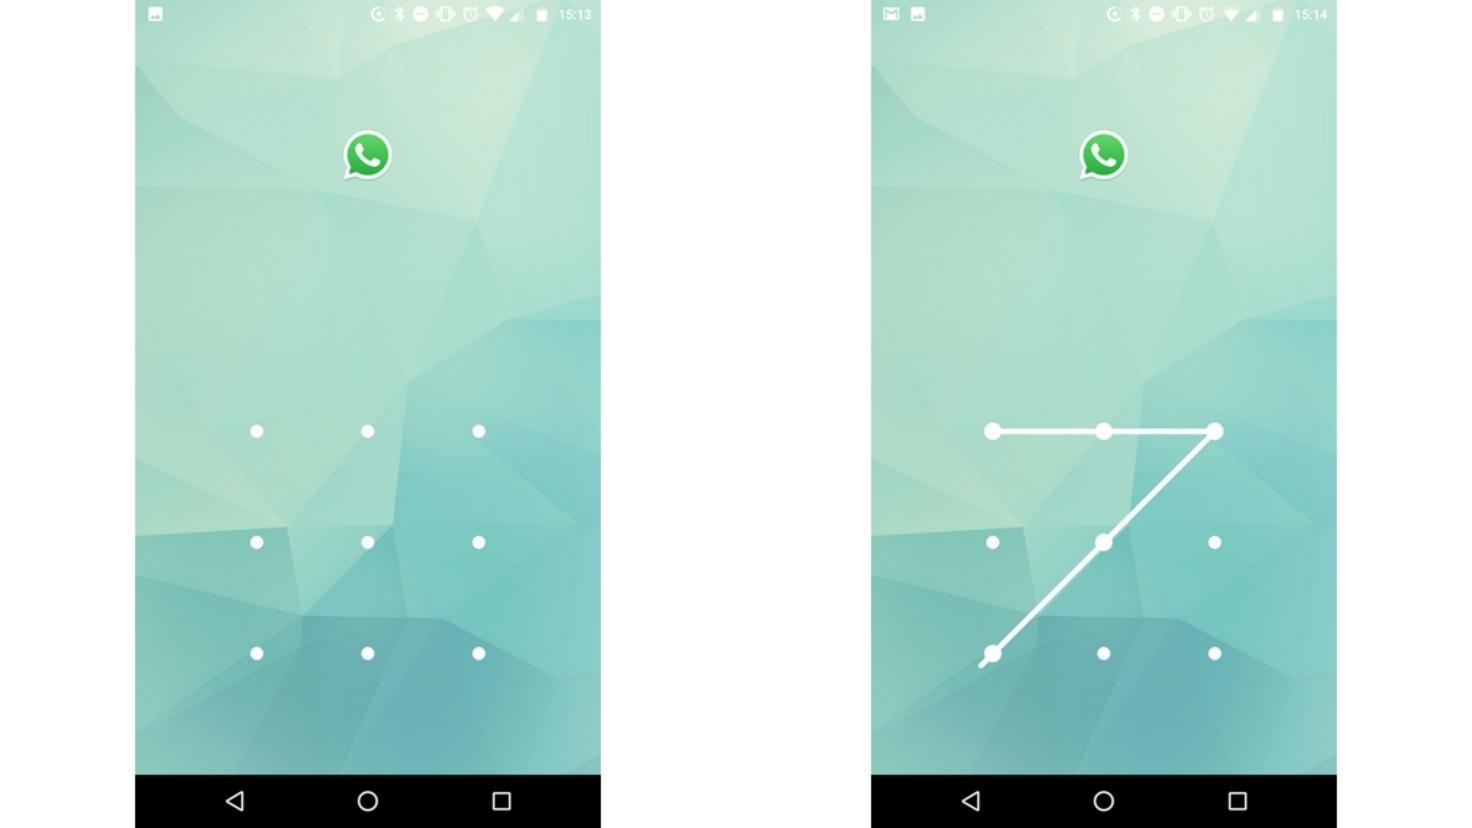 Nach dem Sperren lässt sich WhatsApp nur noch per Sperrcode öffnen.